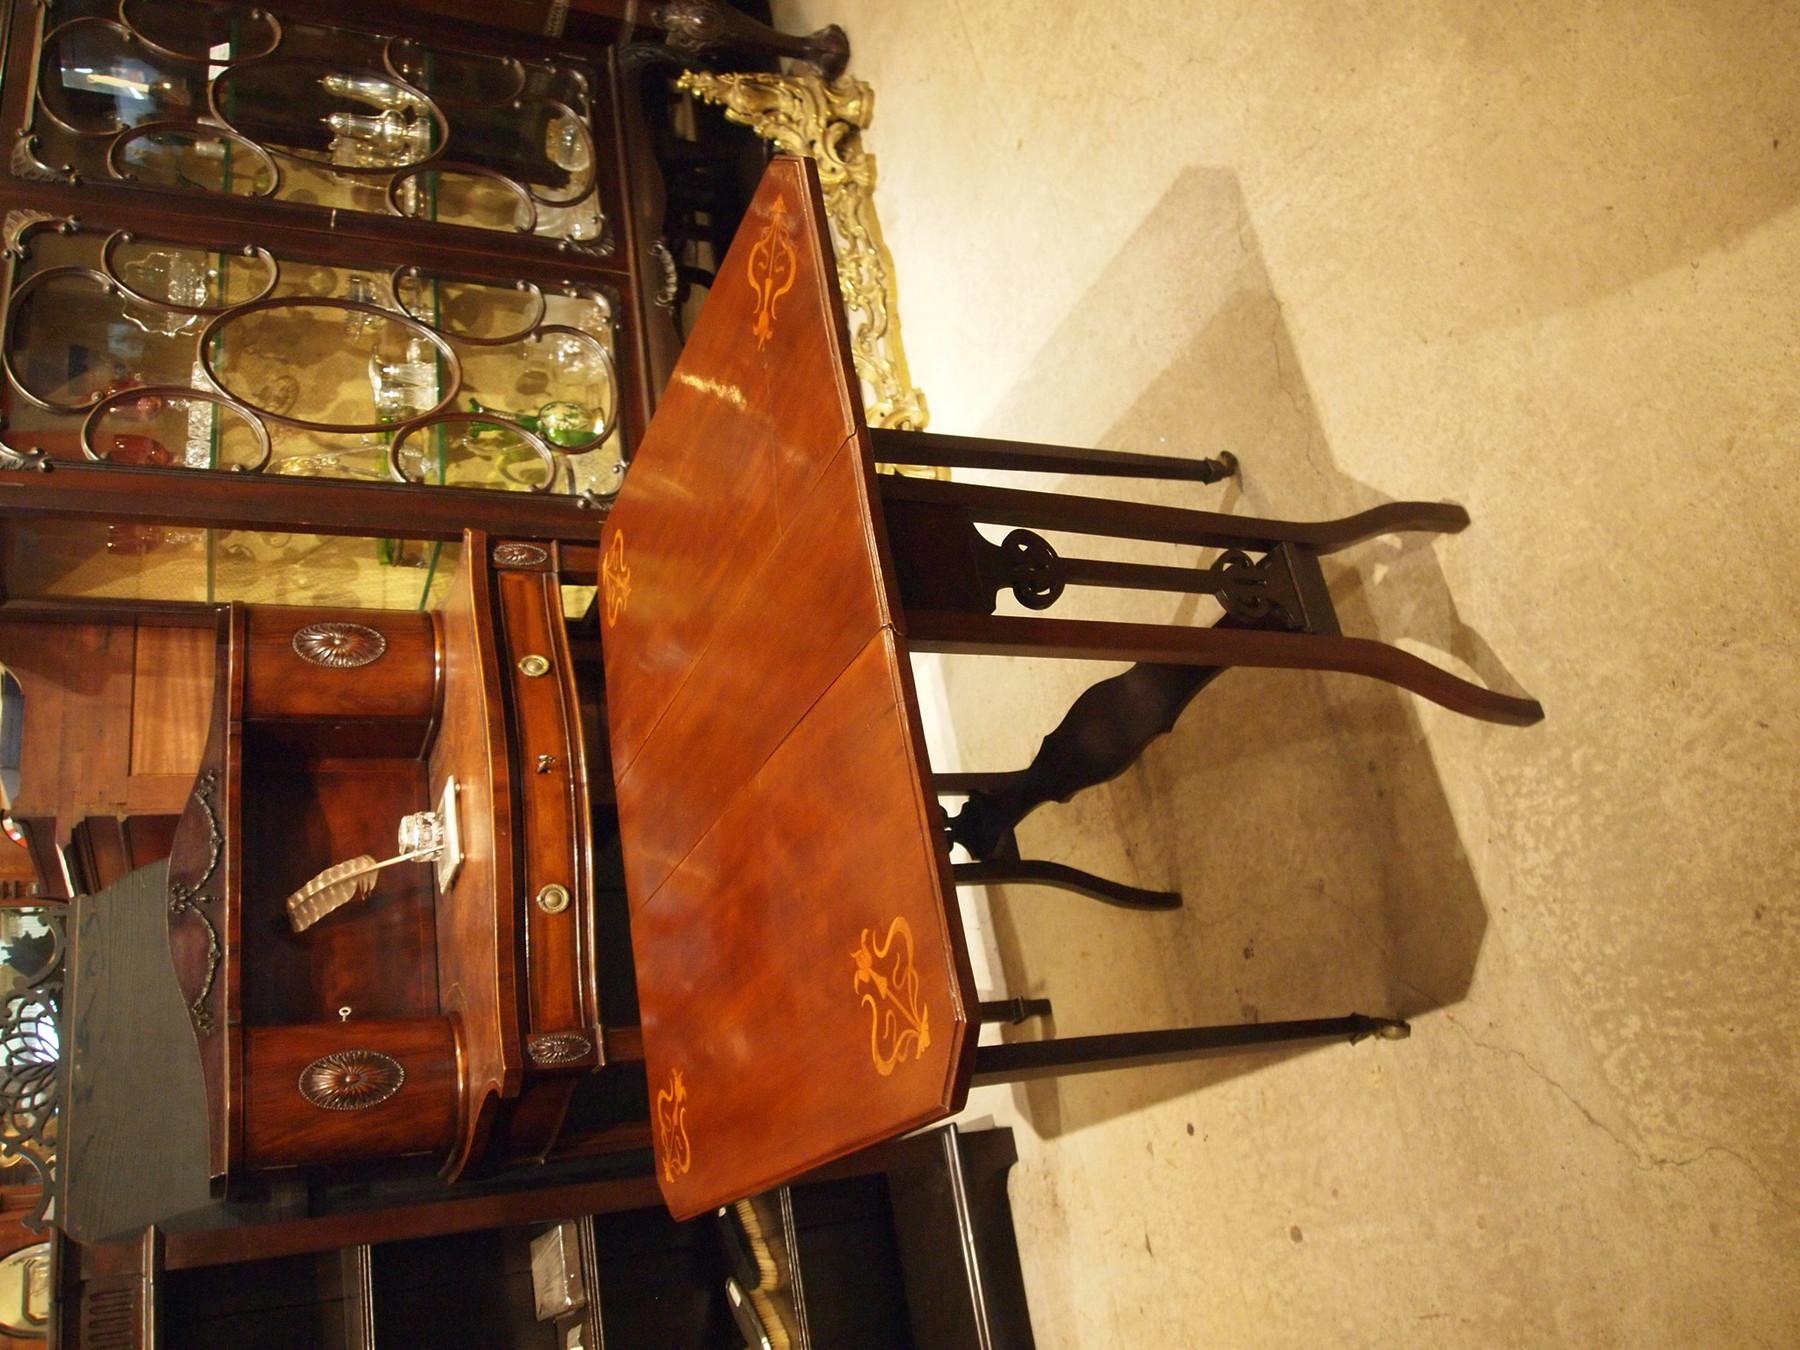 table201016a_03.JPG